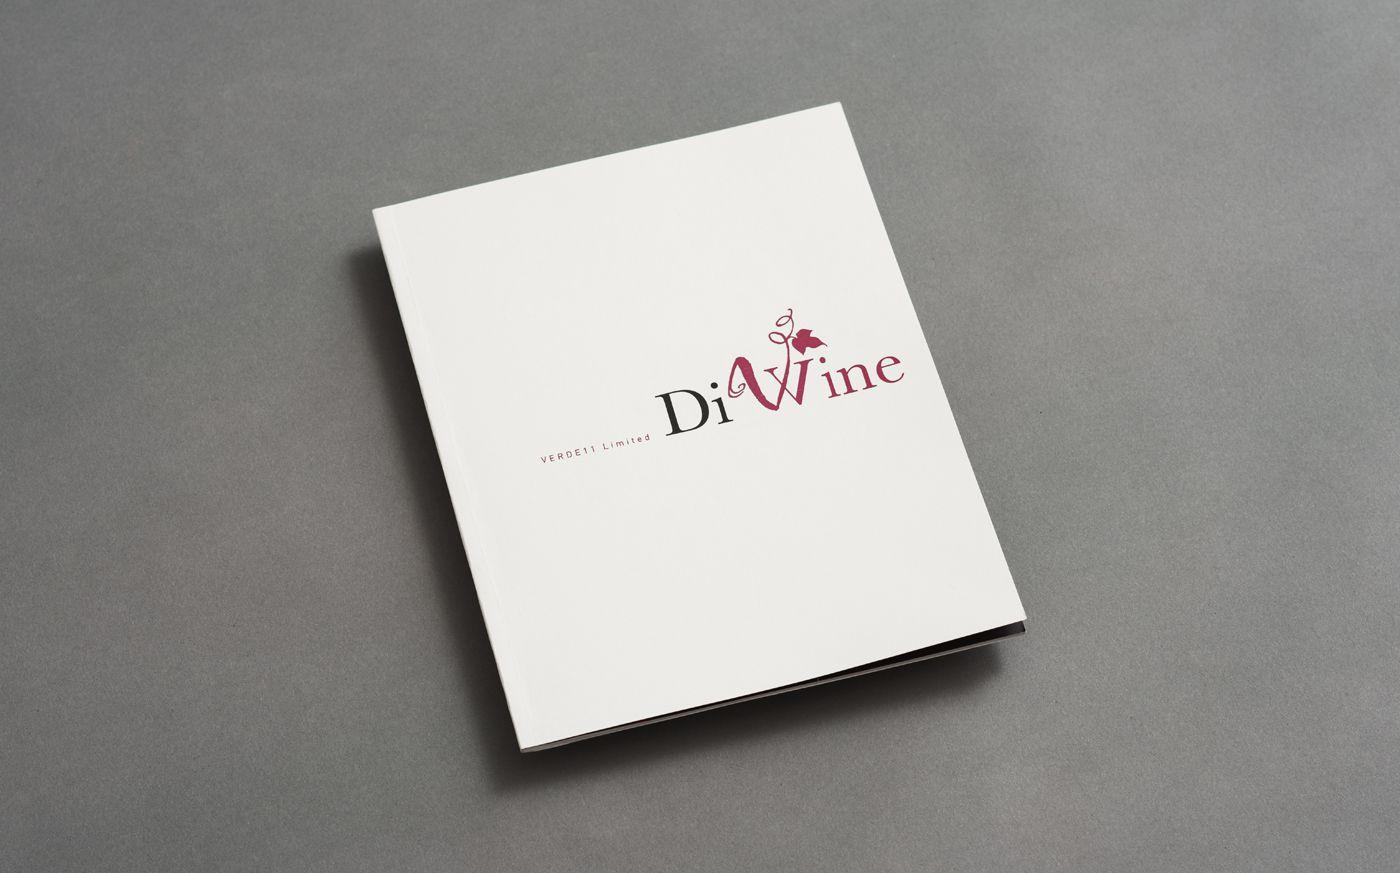 DiWine